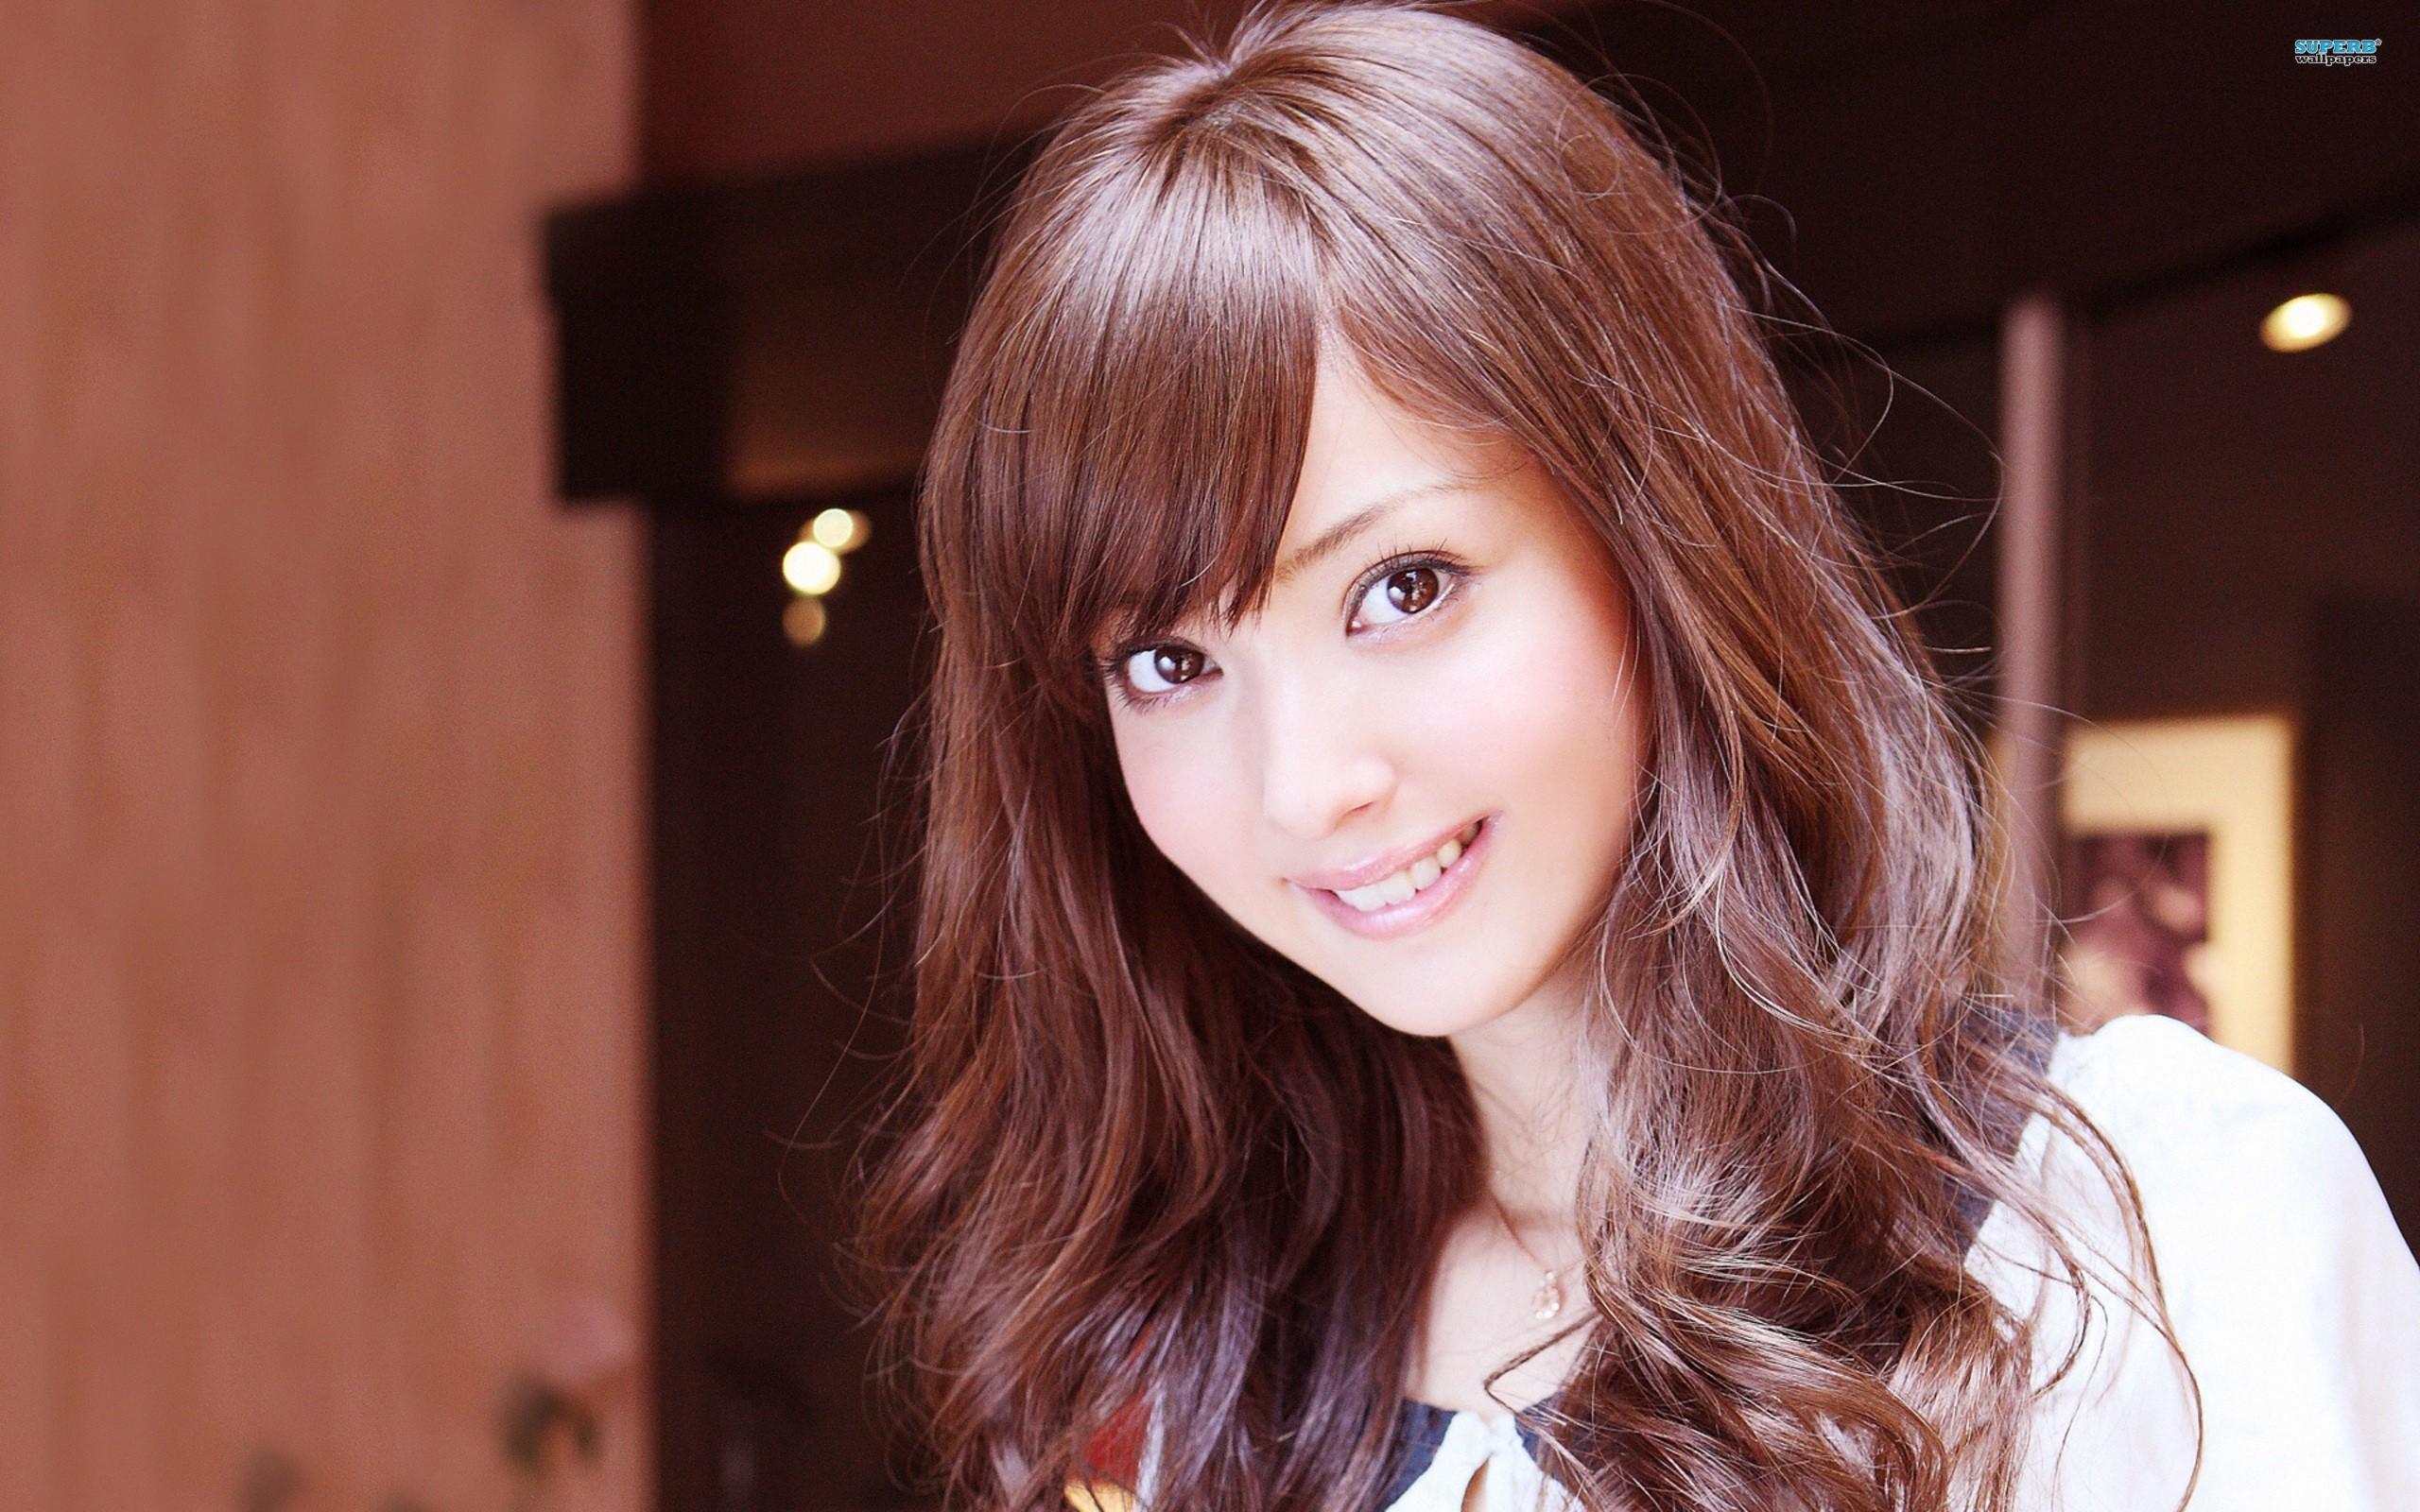 Una hermosa chica japonesa - 2560x1600